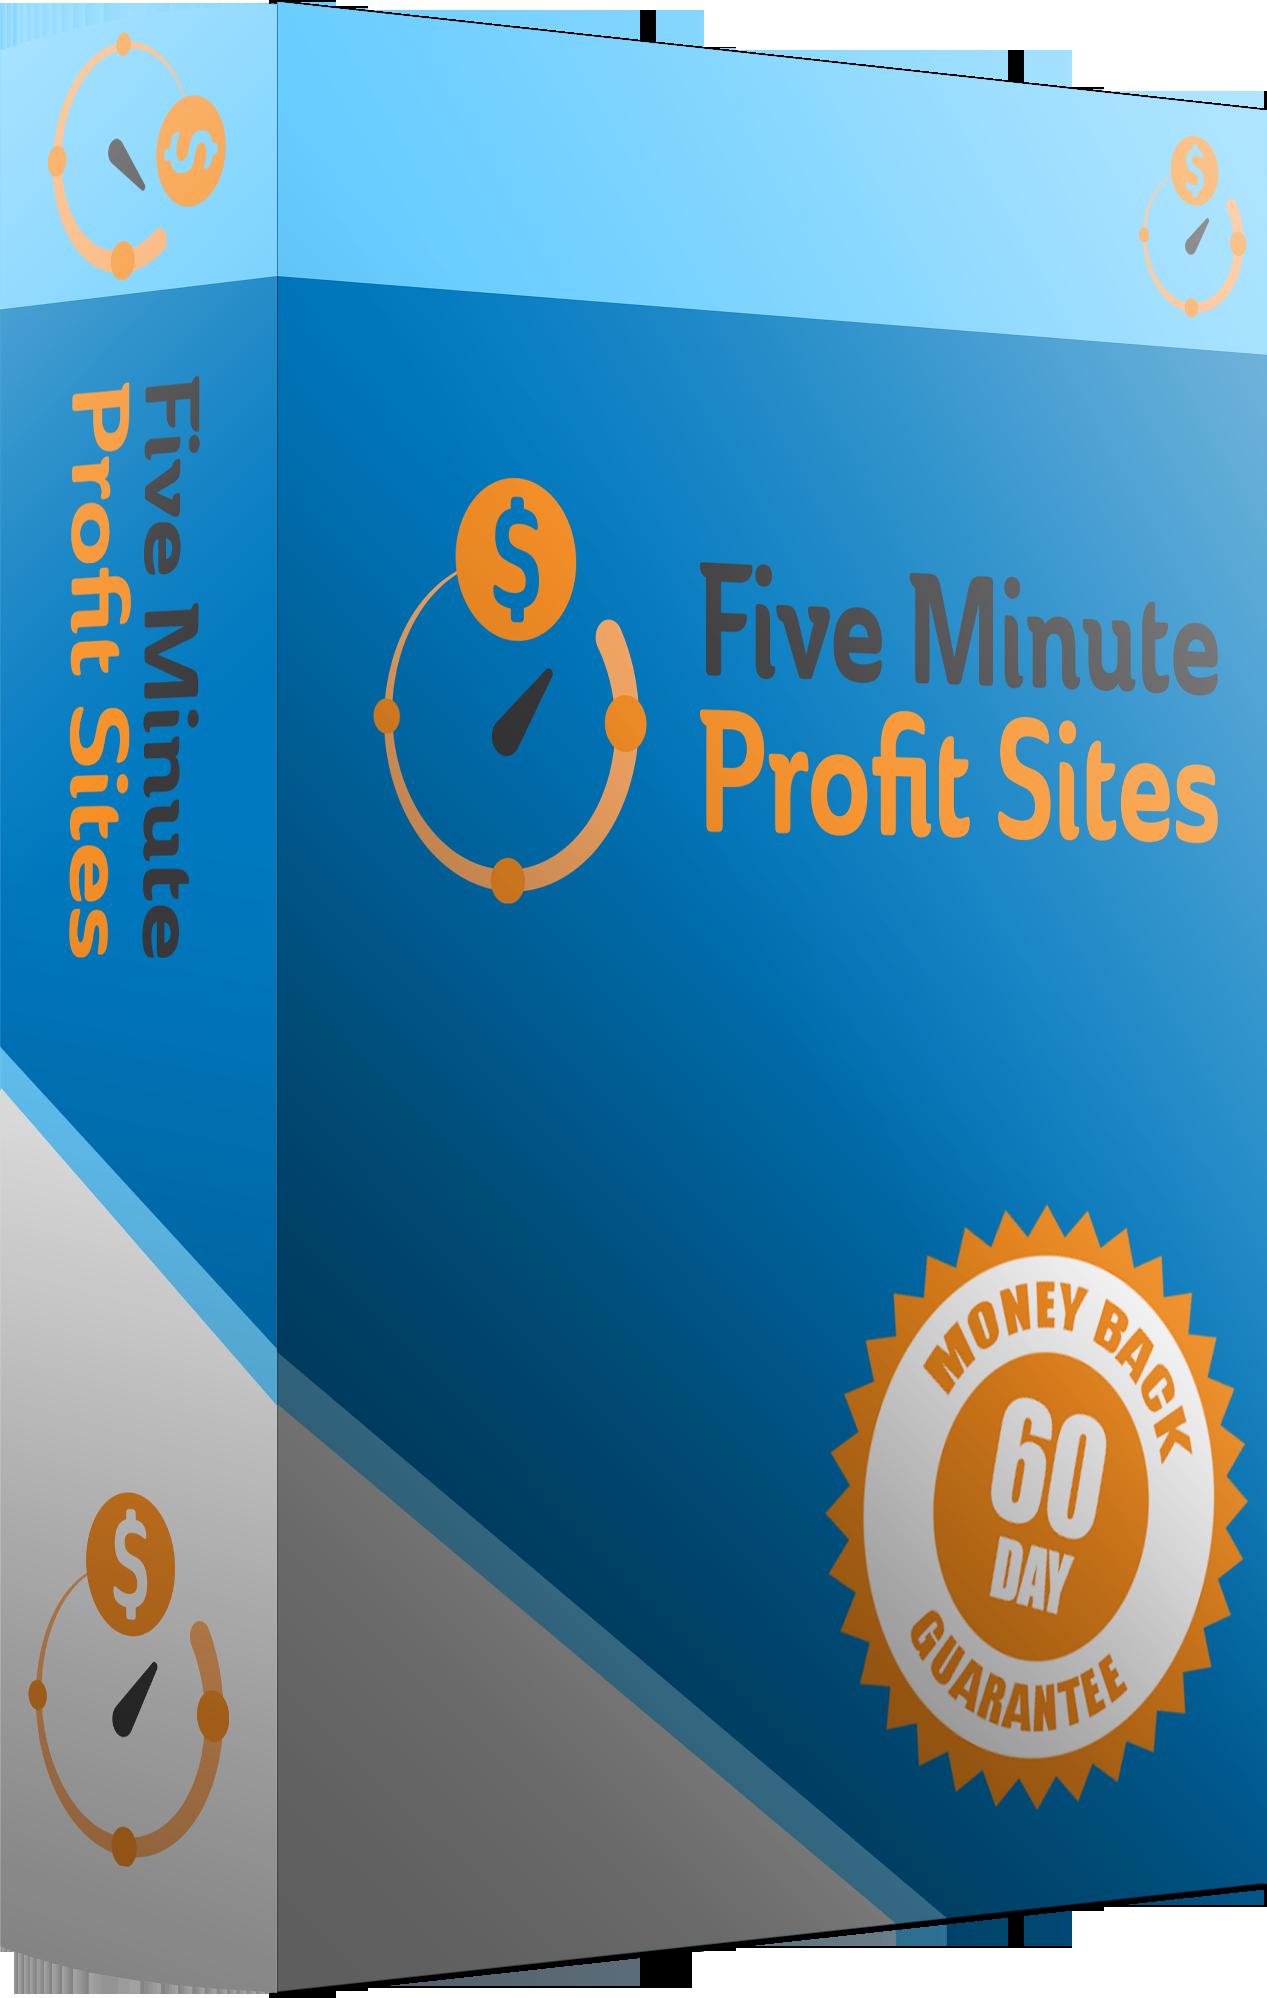 fmps fe - Five Minute Profit Sites